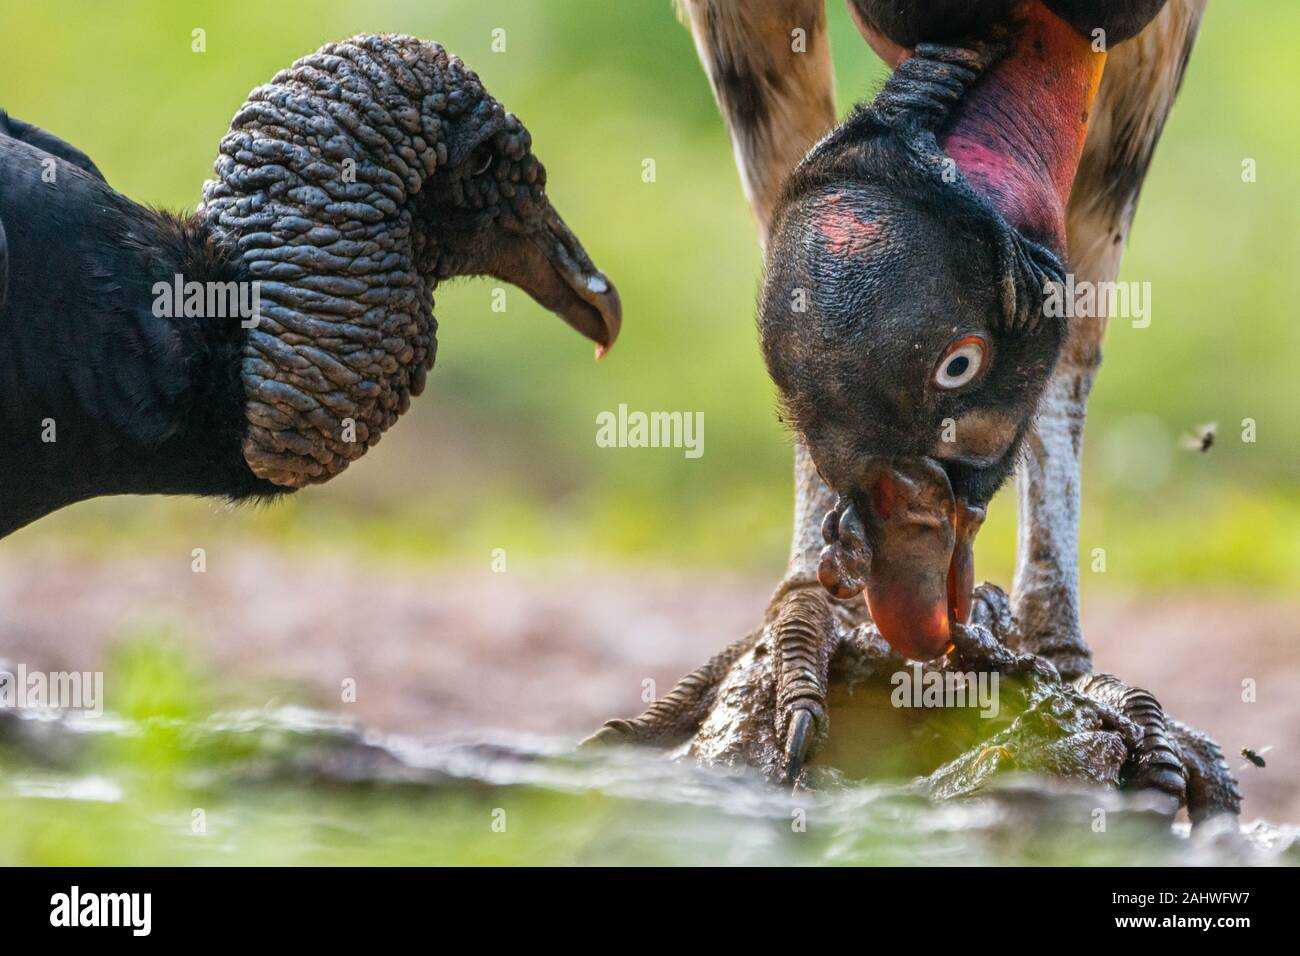 Aasvogel Stockfotos Und Bilder Kaufen Alamy